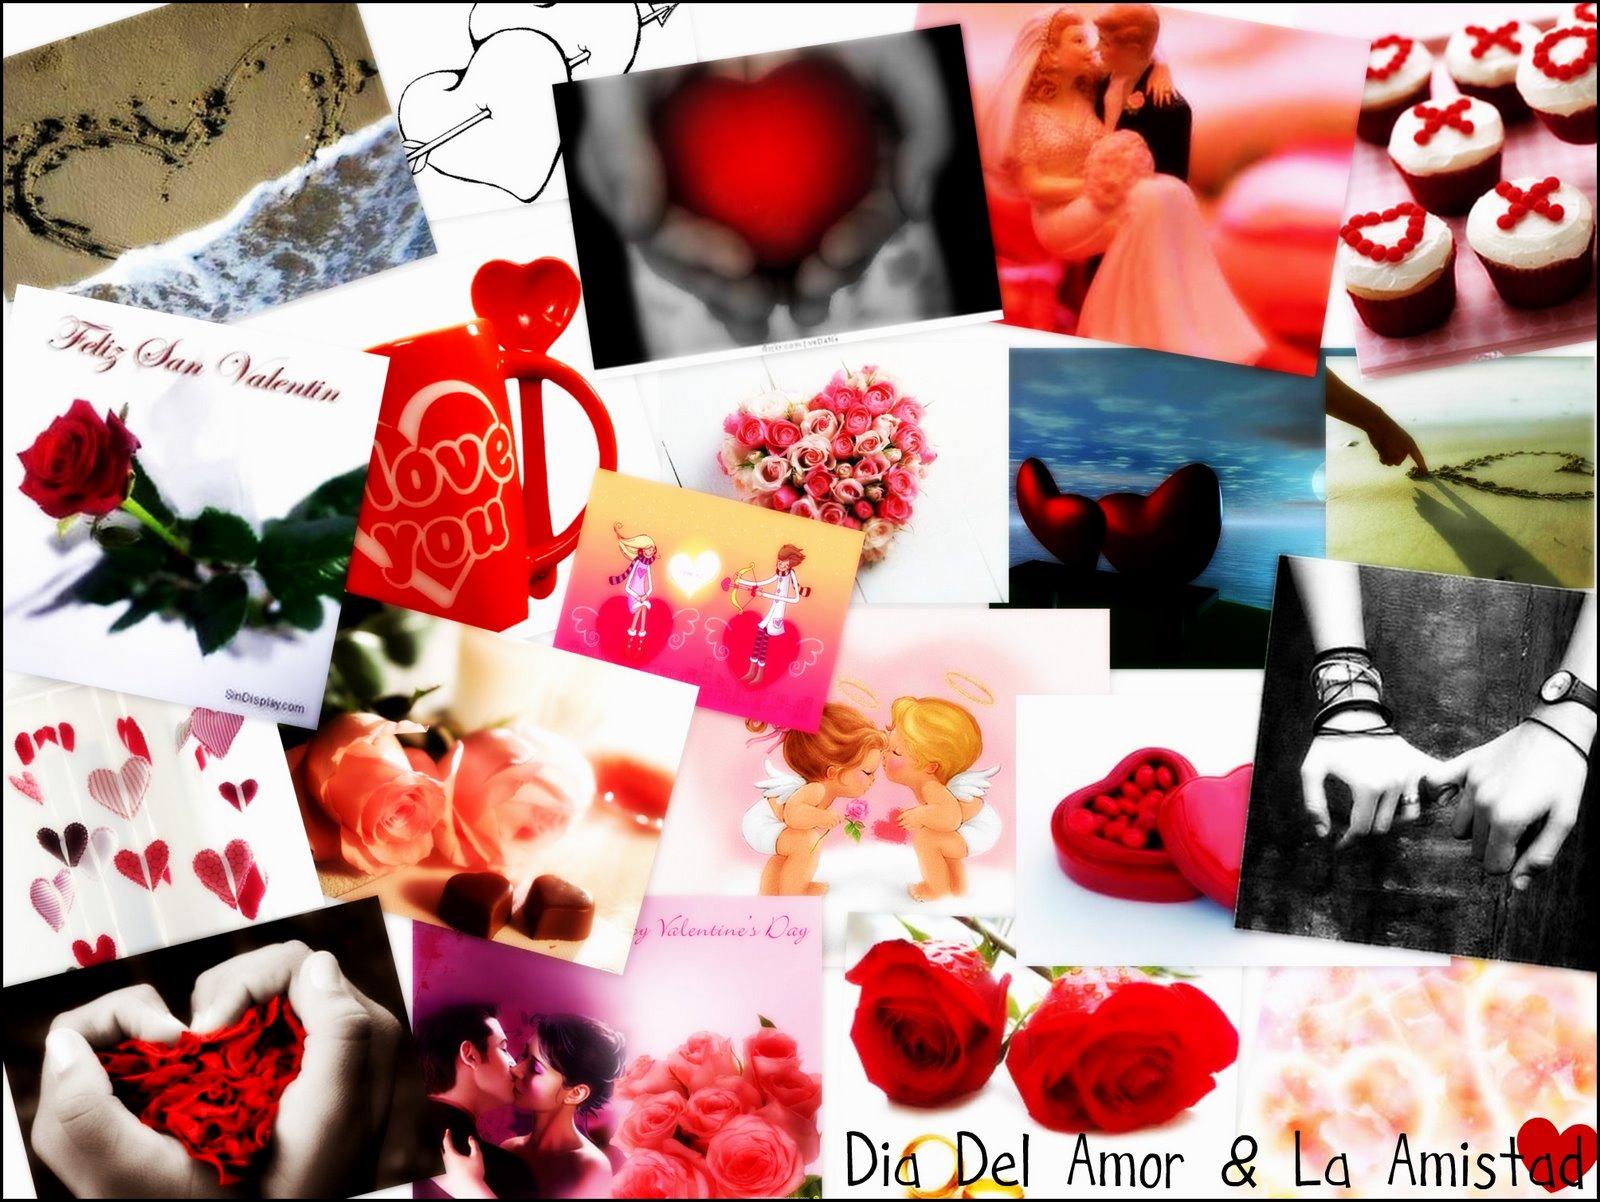 Tecnologia e Informatica: Collage Del Dia Del Amor & La